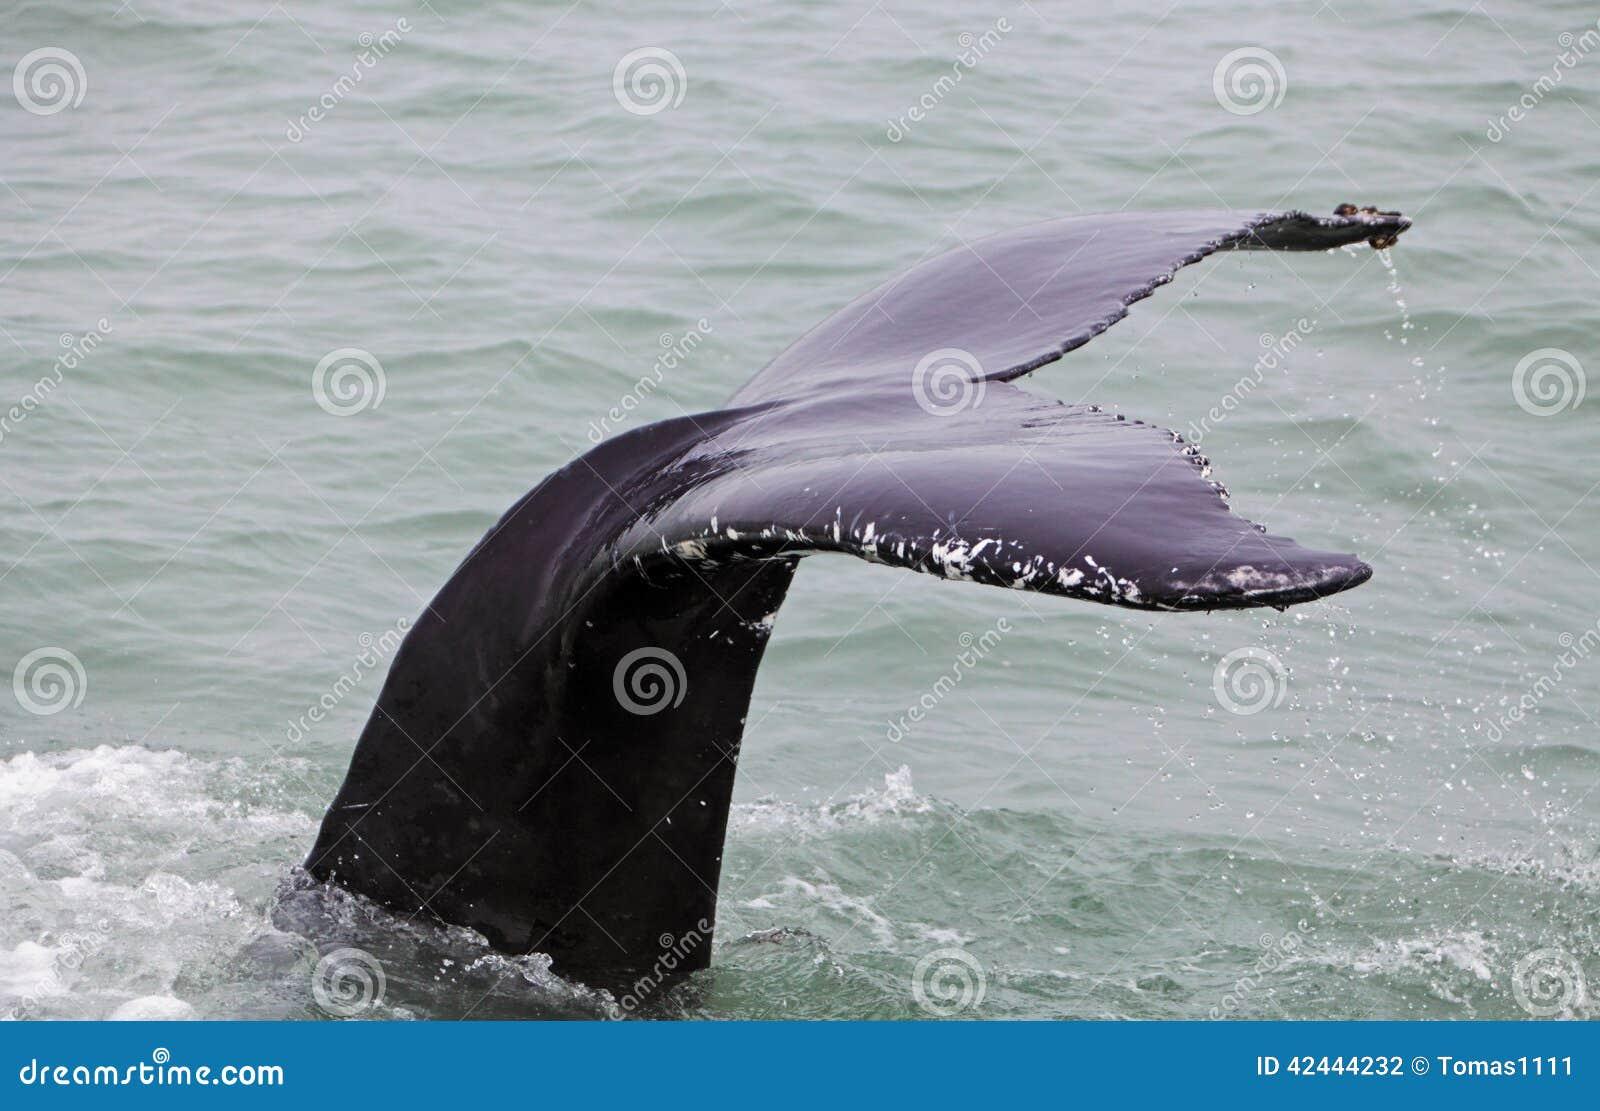 Ballena jorobada (novaeangliae del Megaptera) vista del barco cerca